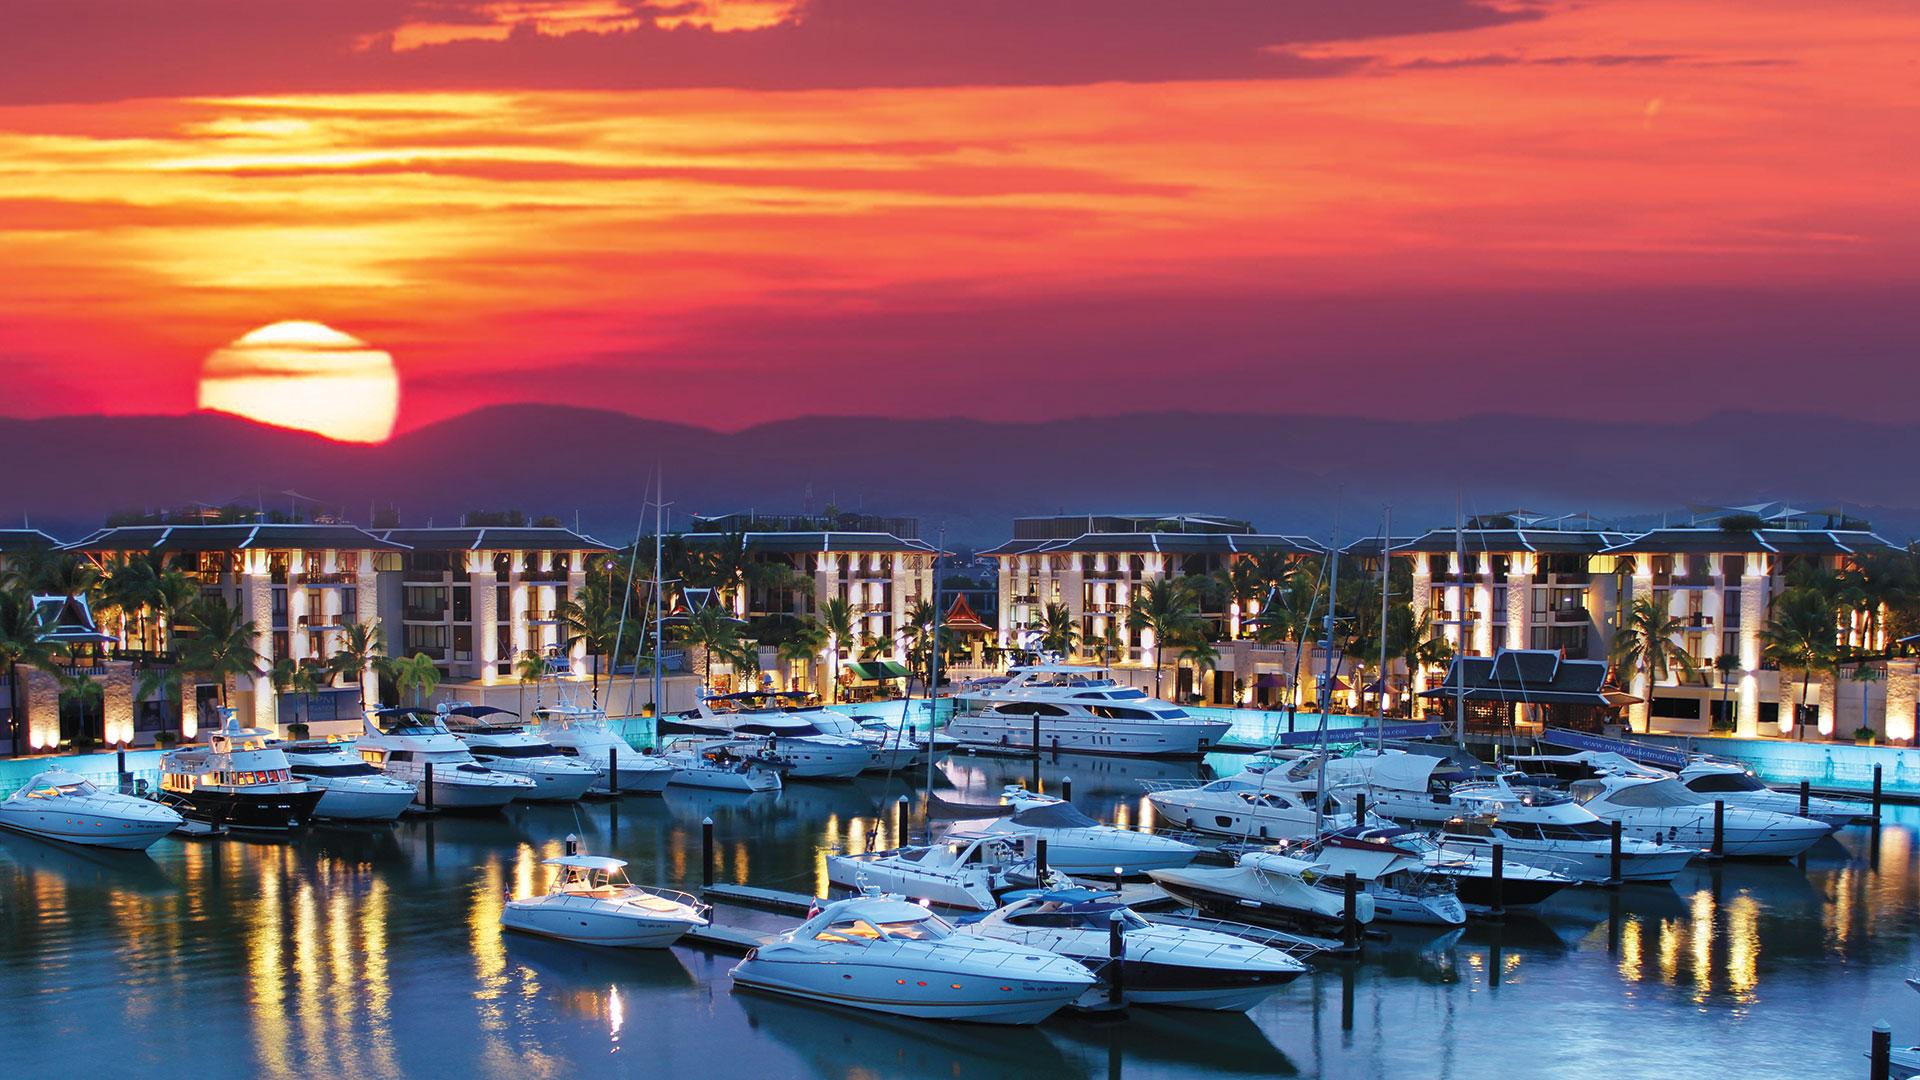 The royal Phuket marina at sunset